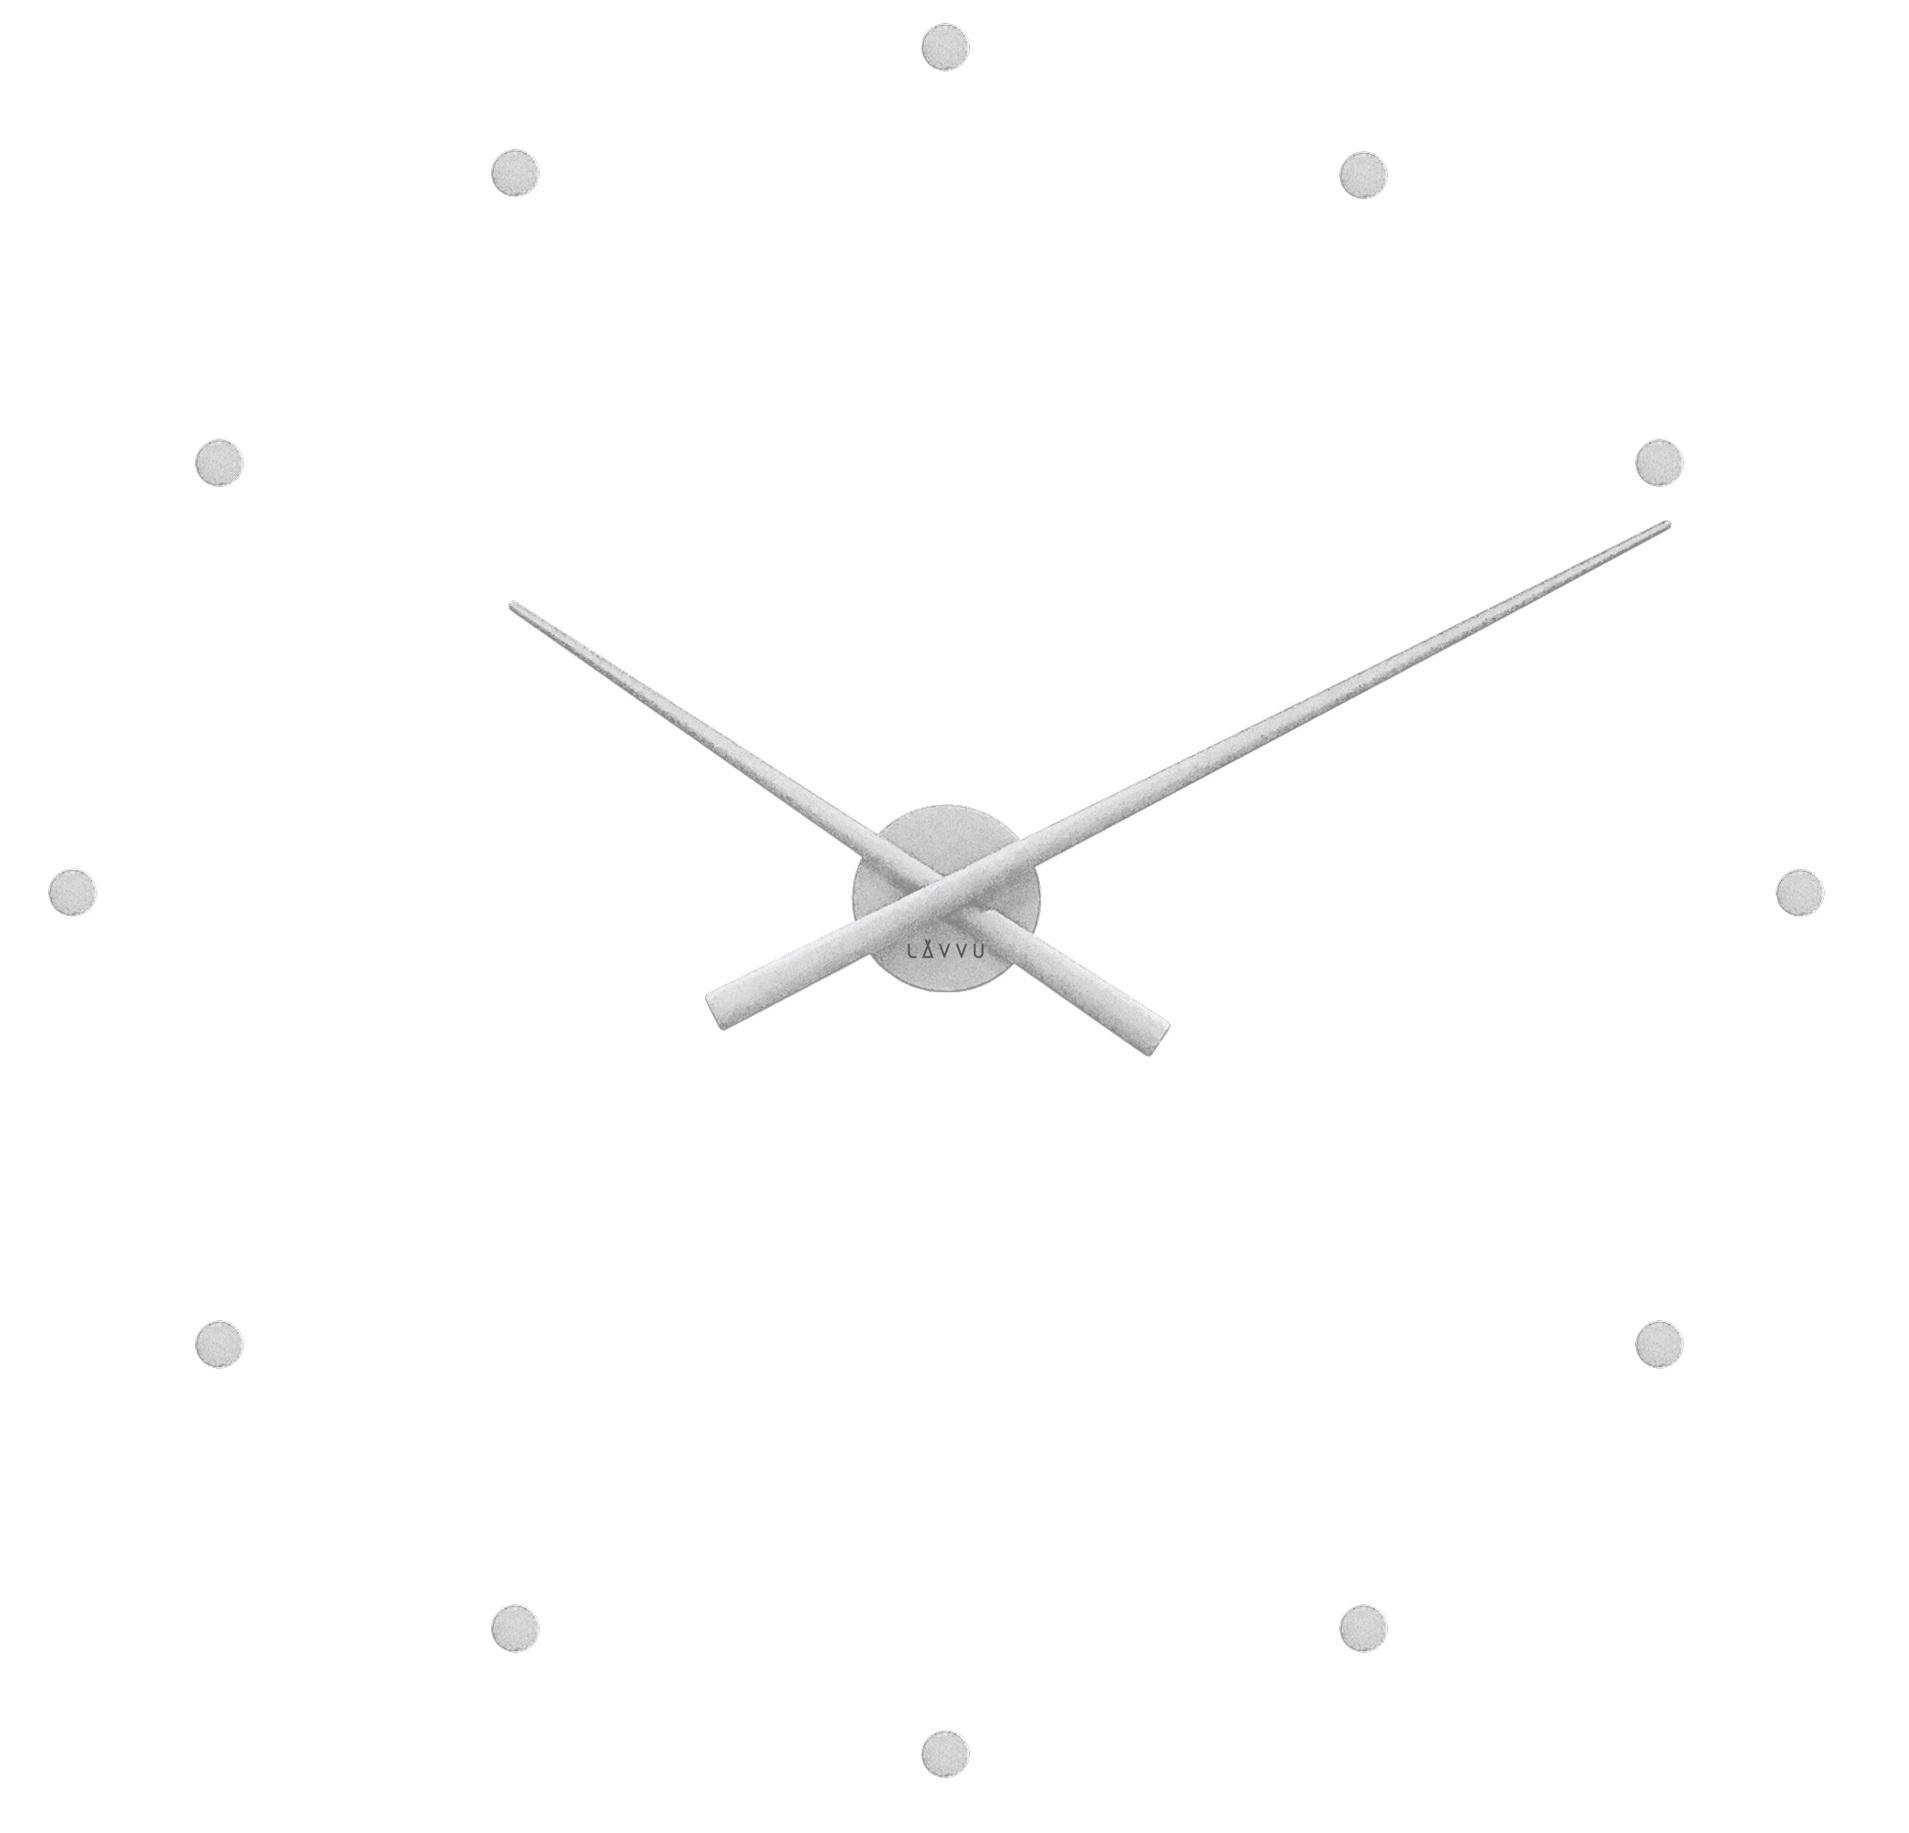 Stříbrné nalepovací hodiny na zeď LAVVU 3D STICKER Silver Dots LCT1020 ( stříbrné nalepovací hodiny průměr 73cm)